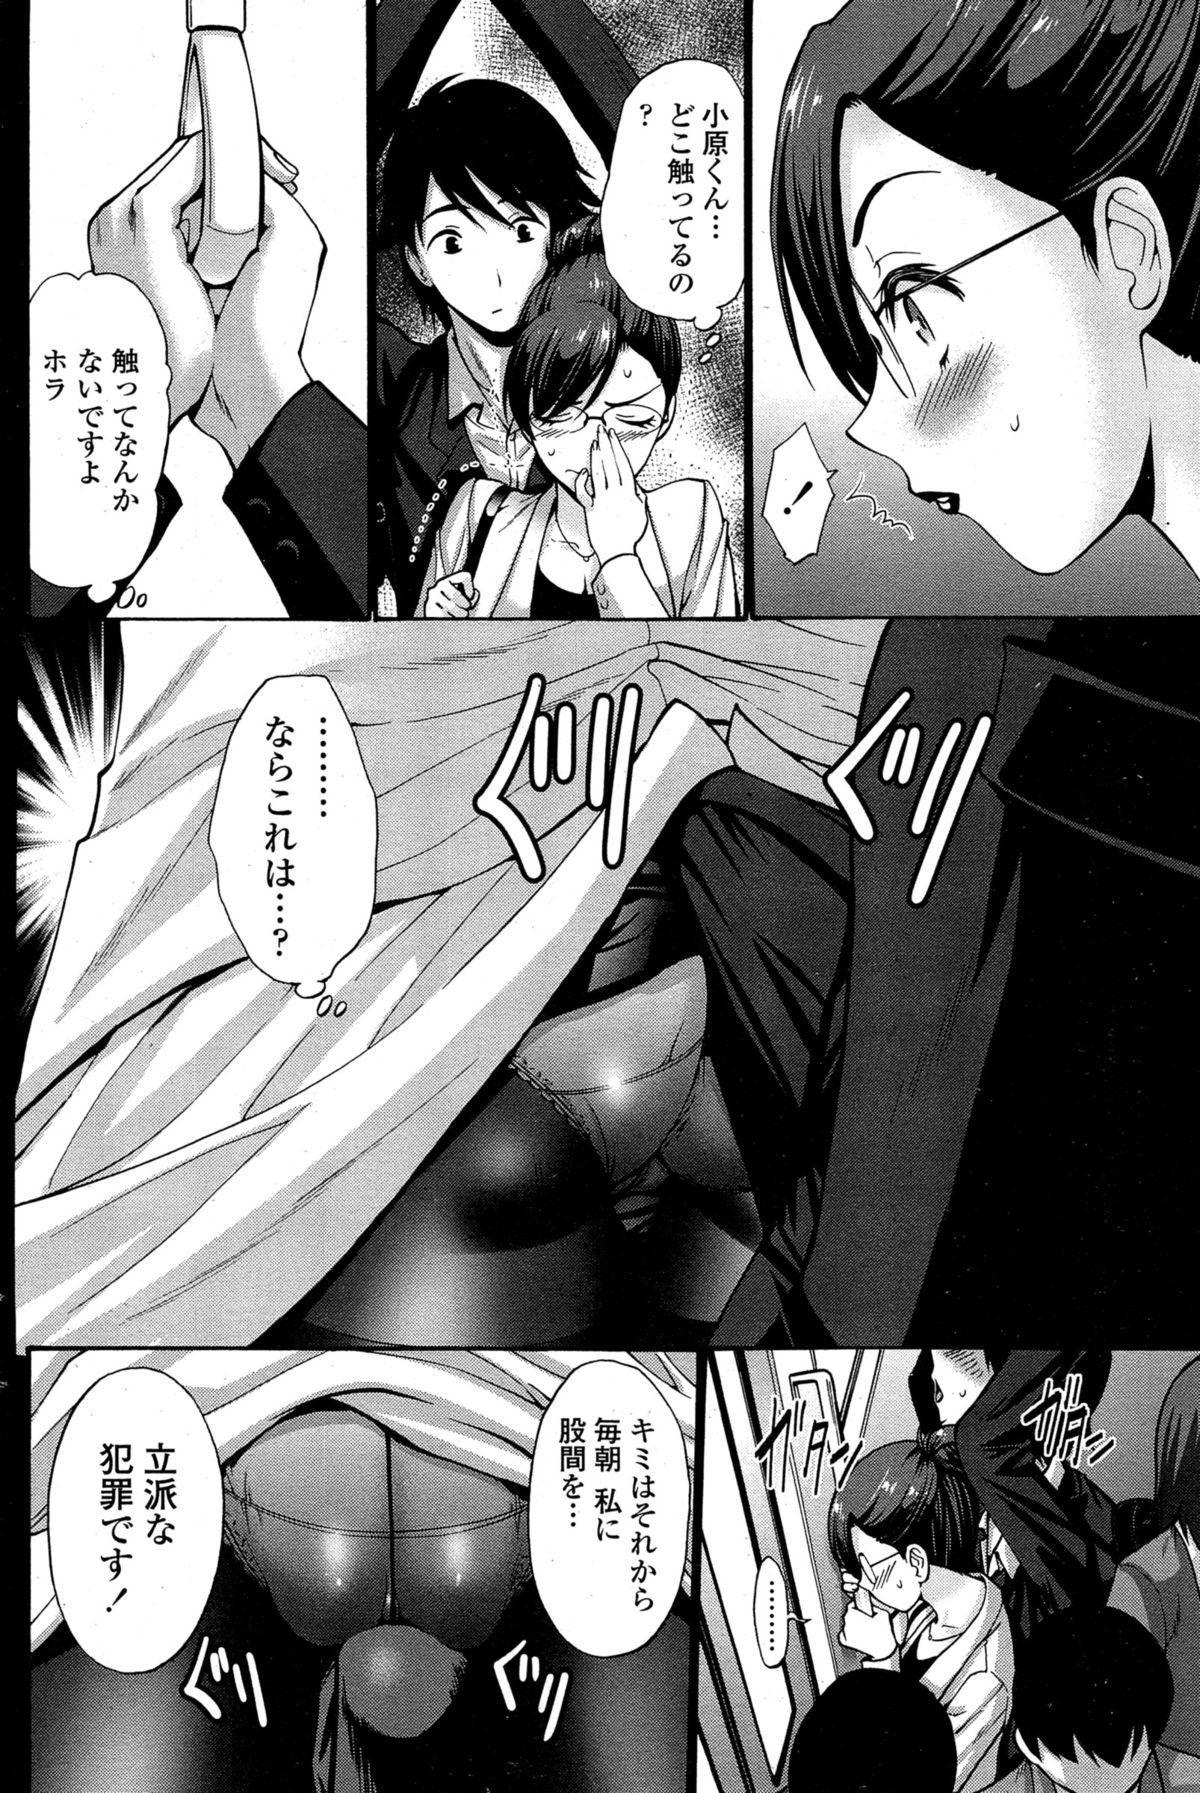 Musume no Kare 3